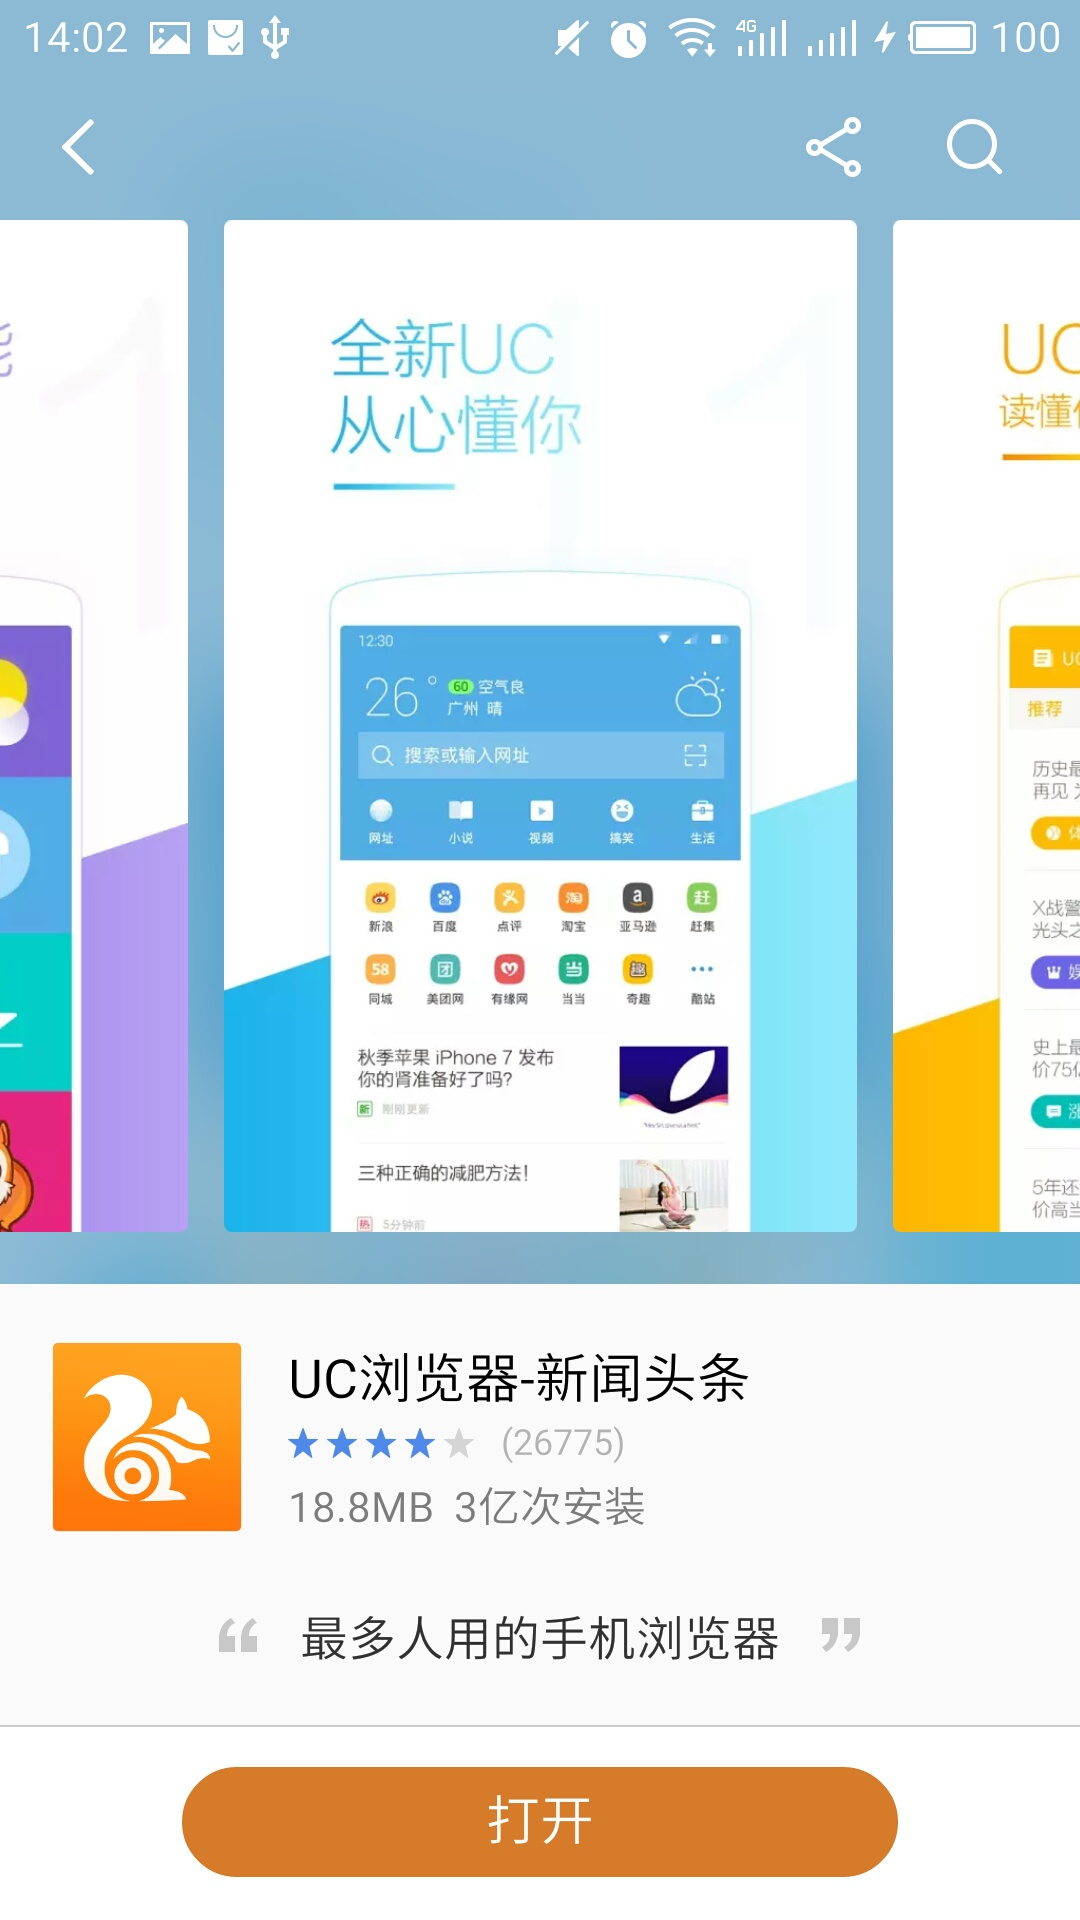 手机uc浏览器#下载